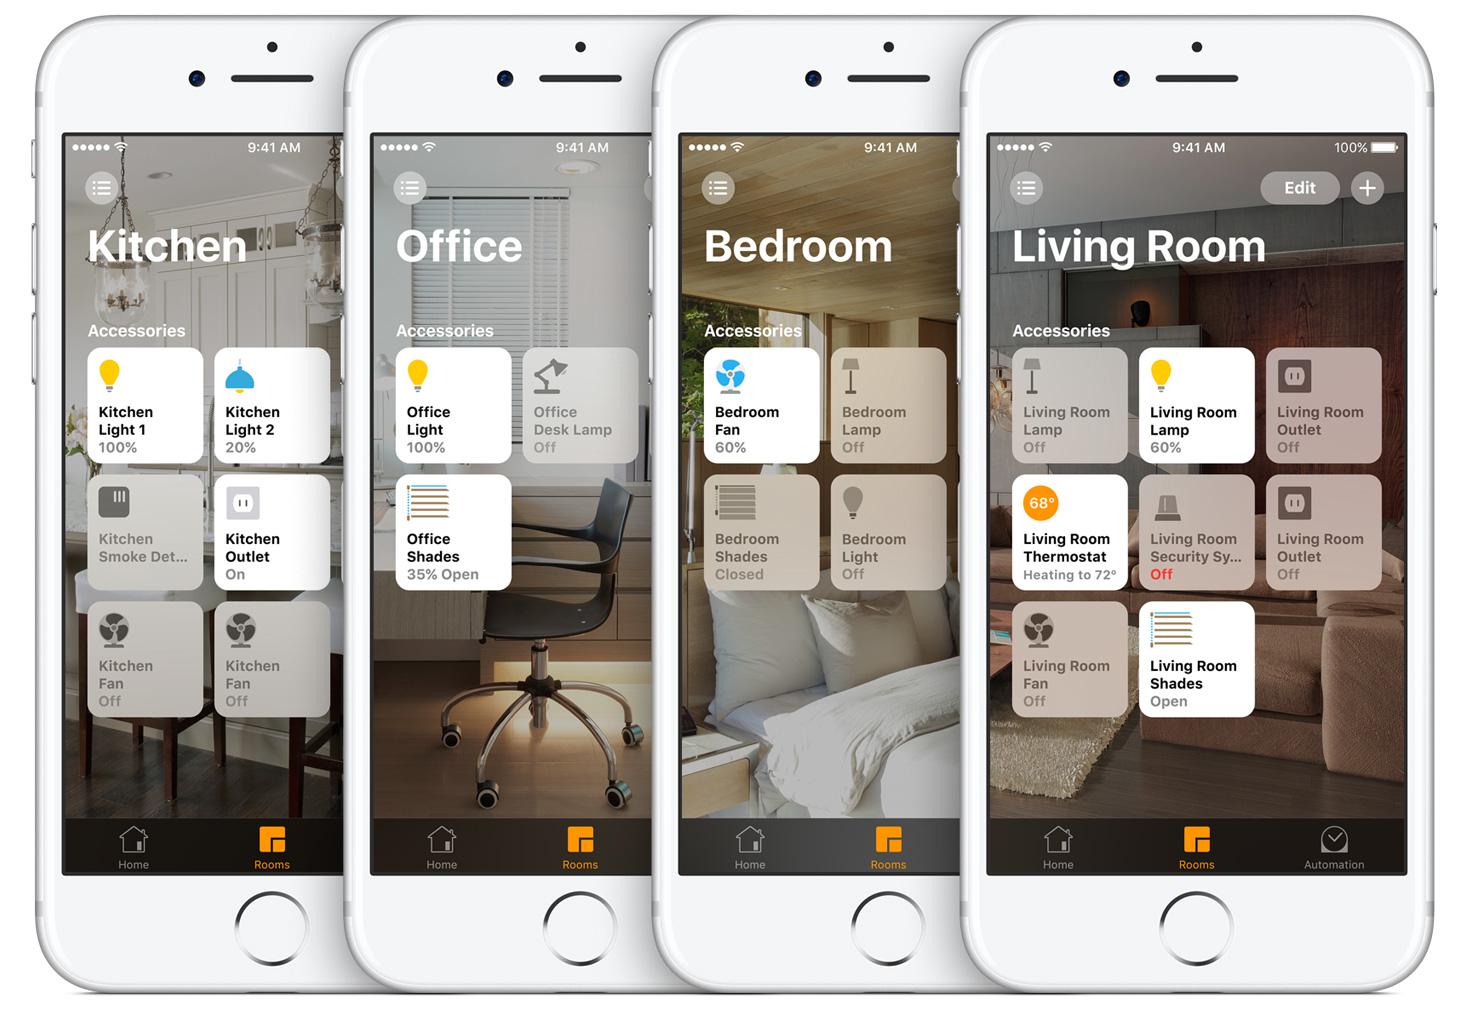 Les objets connectés peuvent être pilotés et paramétrés sur votre smartphone